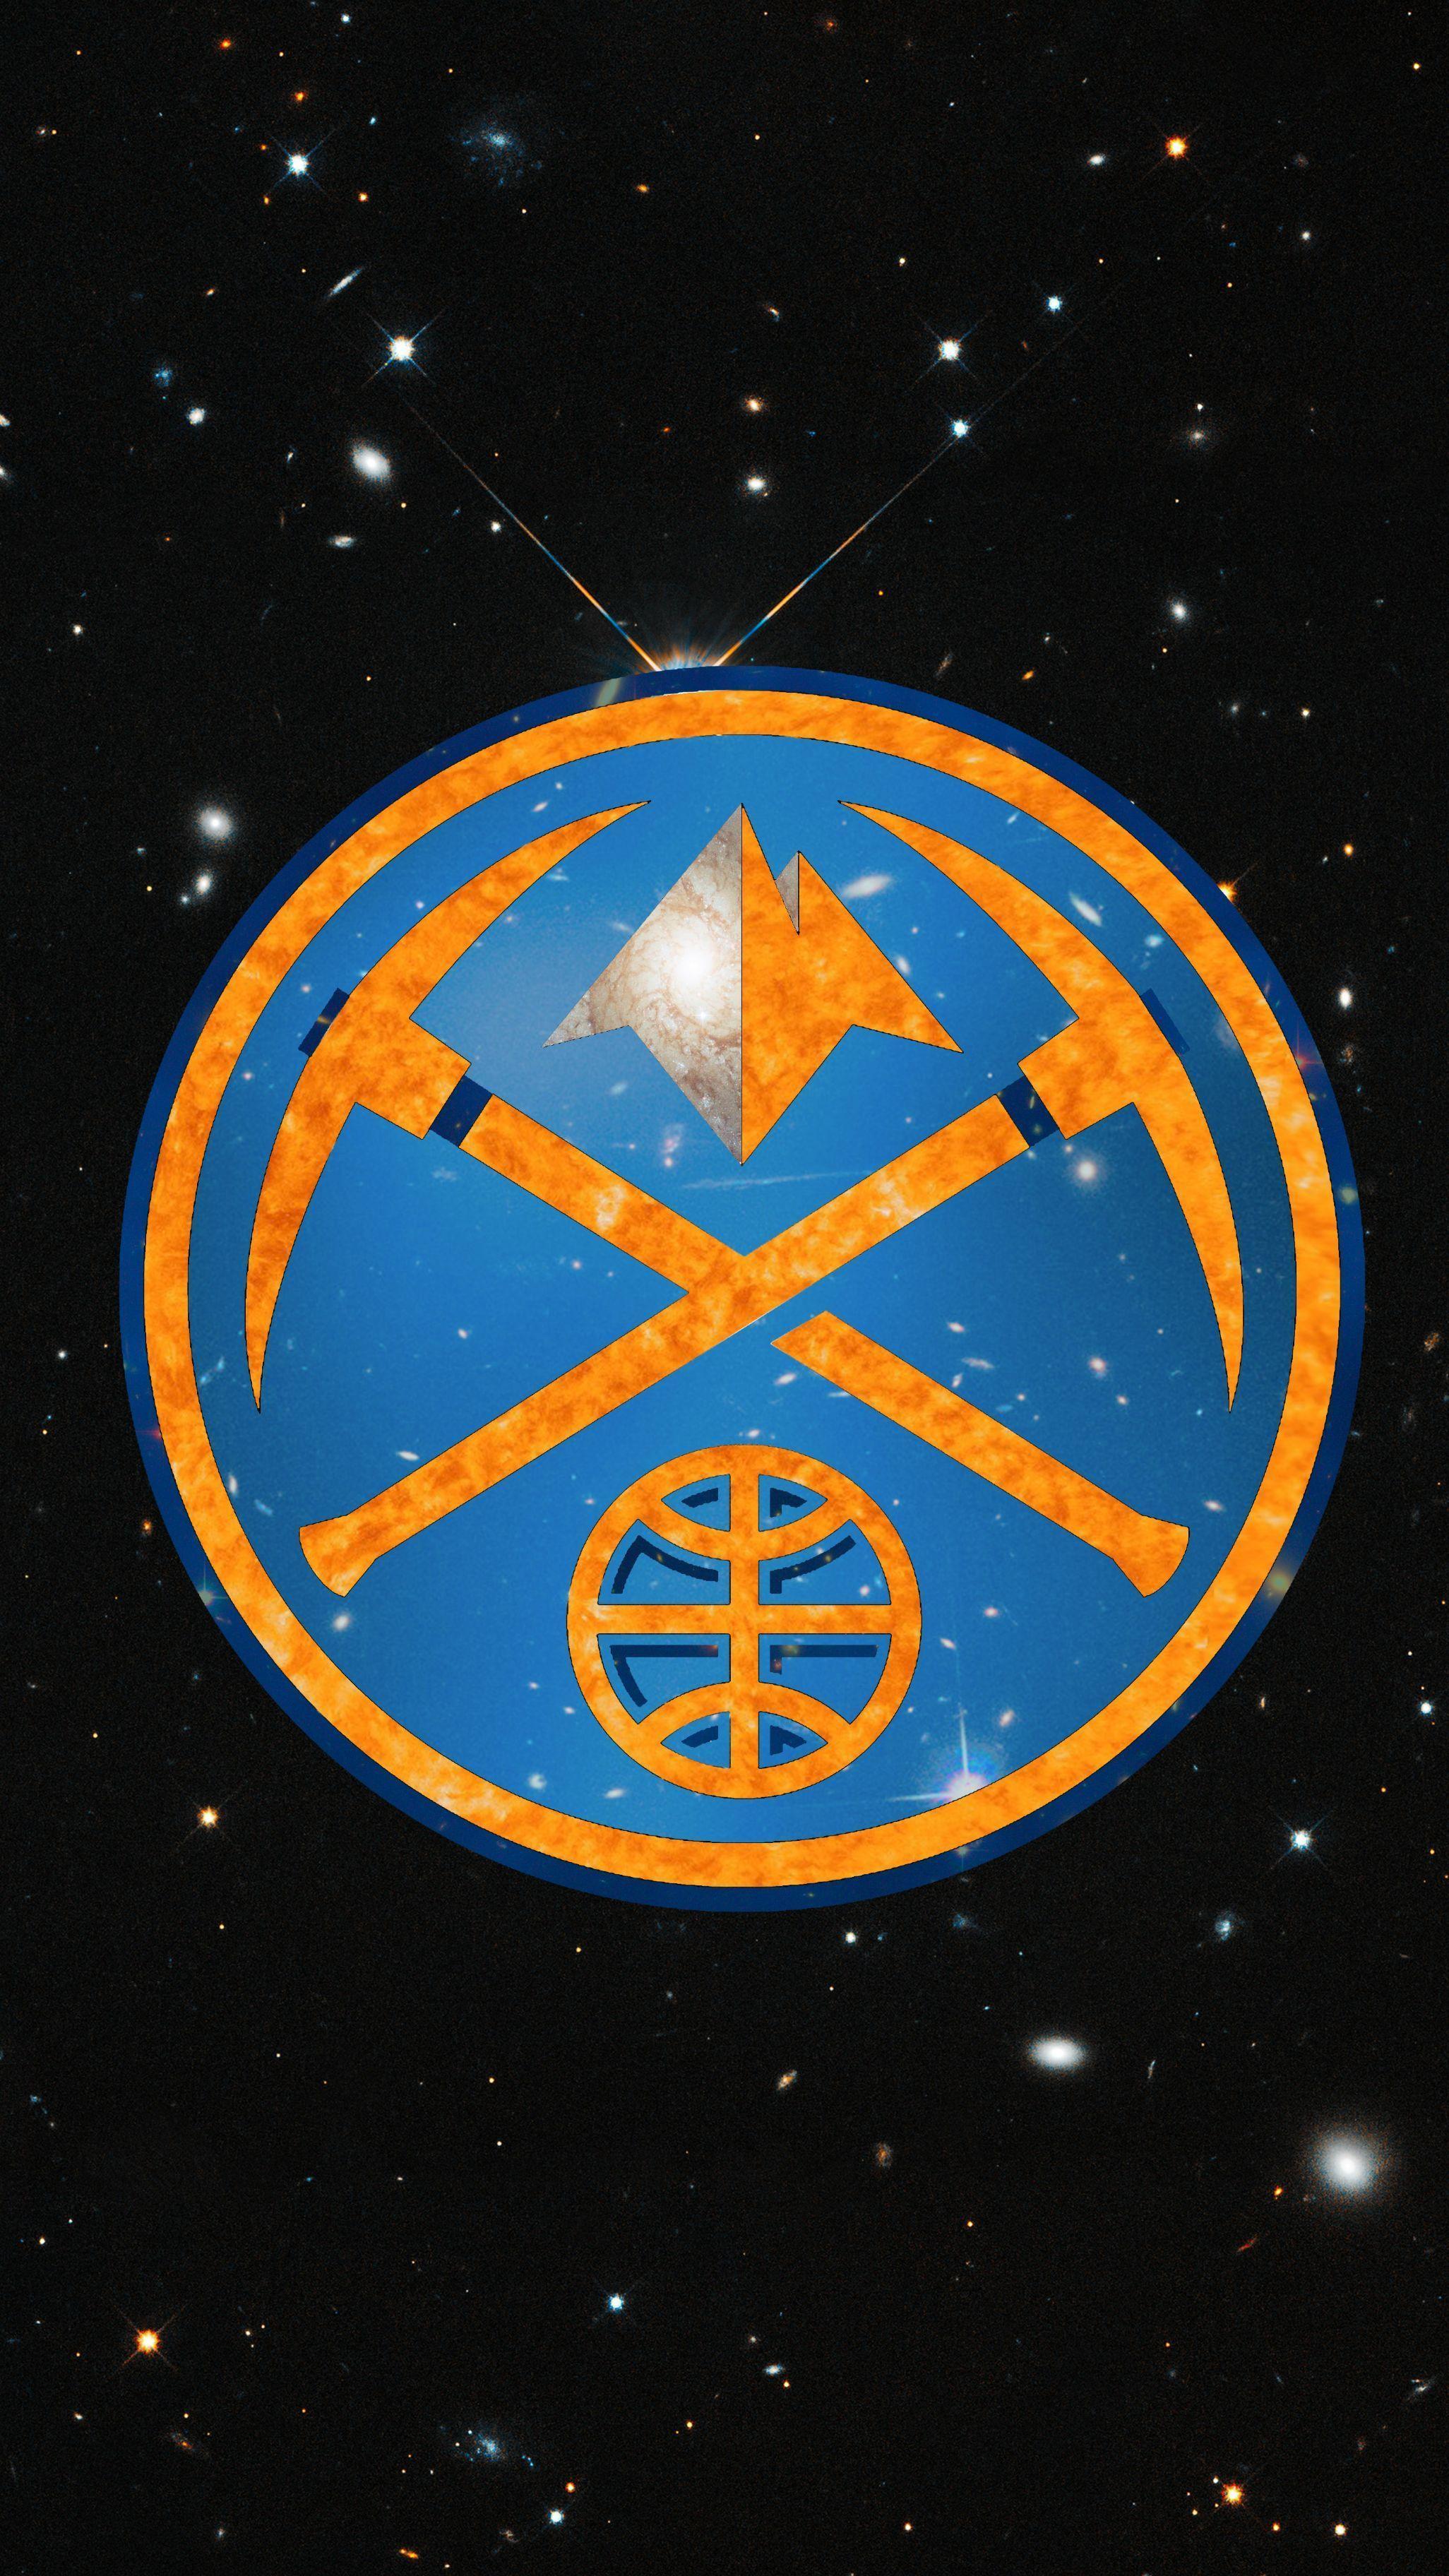 Denver Nuggets logo I made using Hubble space images. : denvernuggets